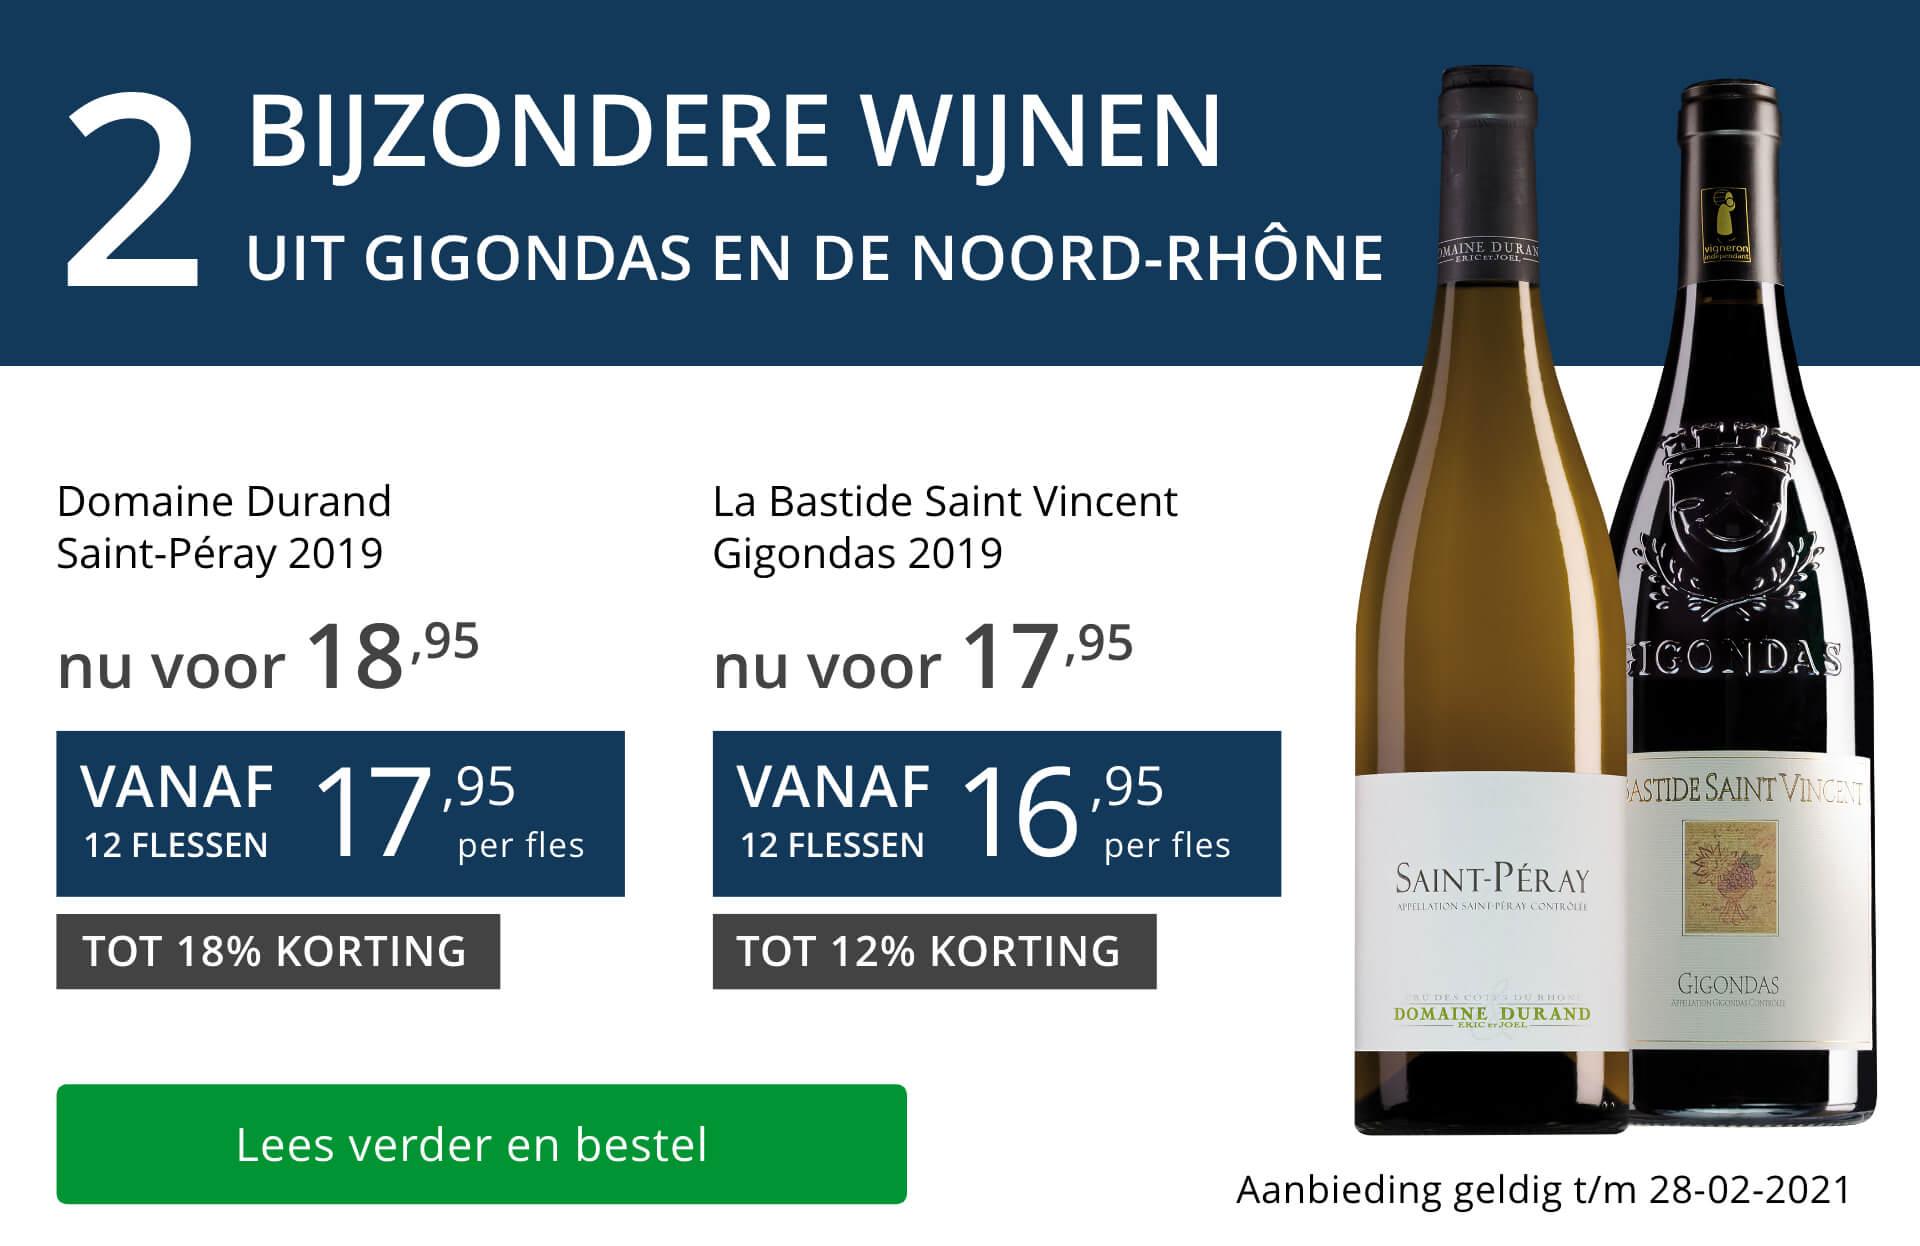 Twee bijzondere wijnen februari 2021-blauw